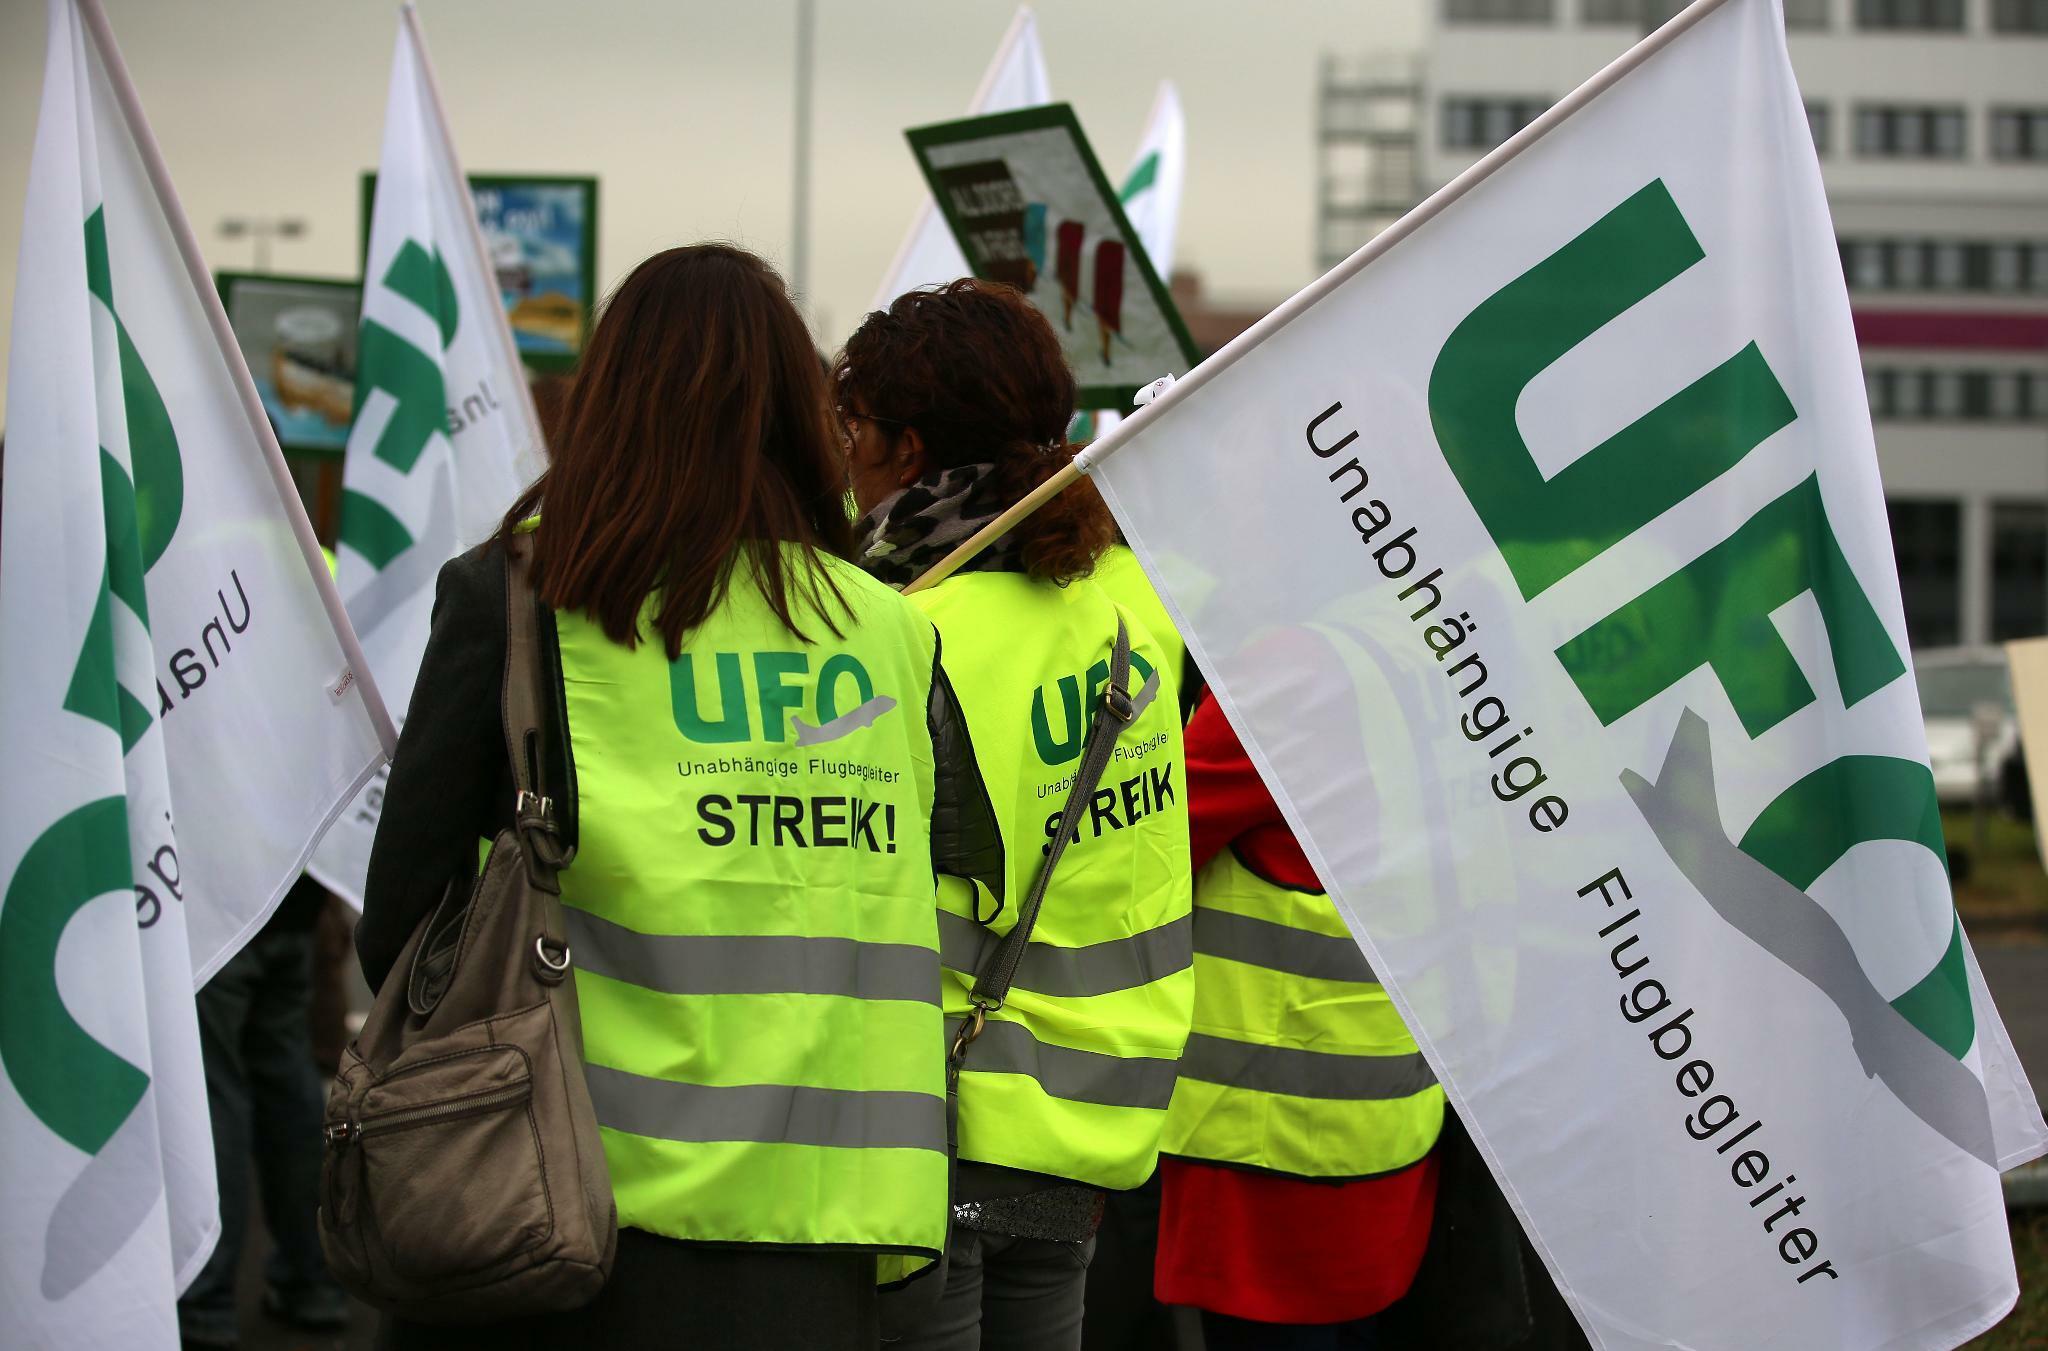 Lufthansa lässt Gewerkschaftsstatus der Ufo gerichtlich prüfen